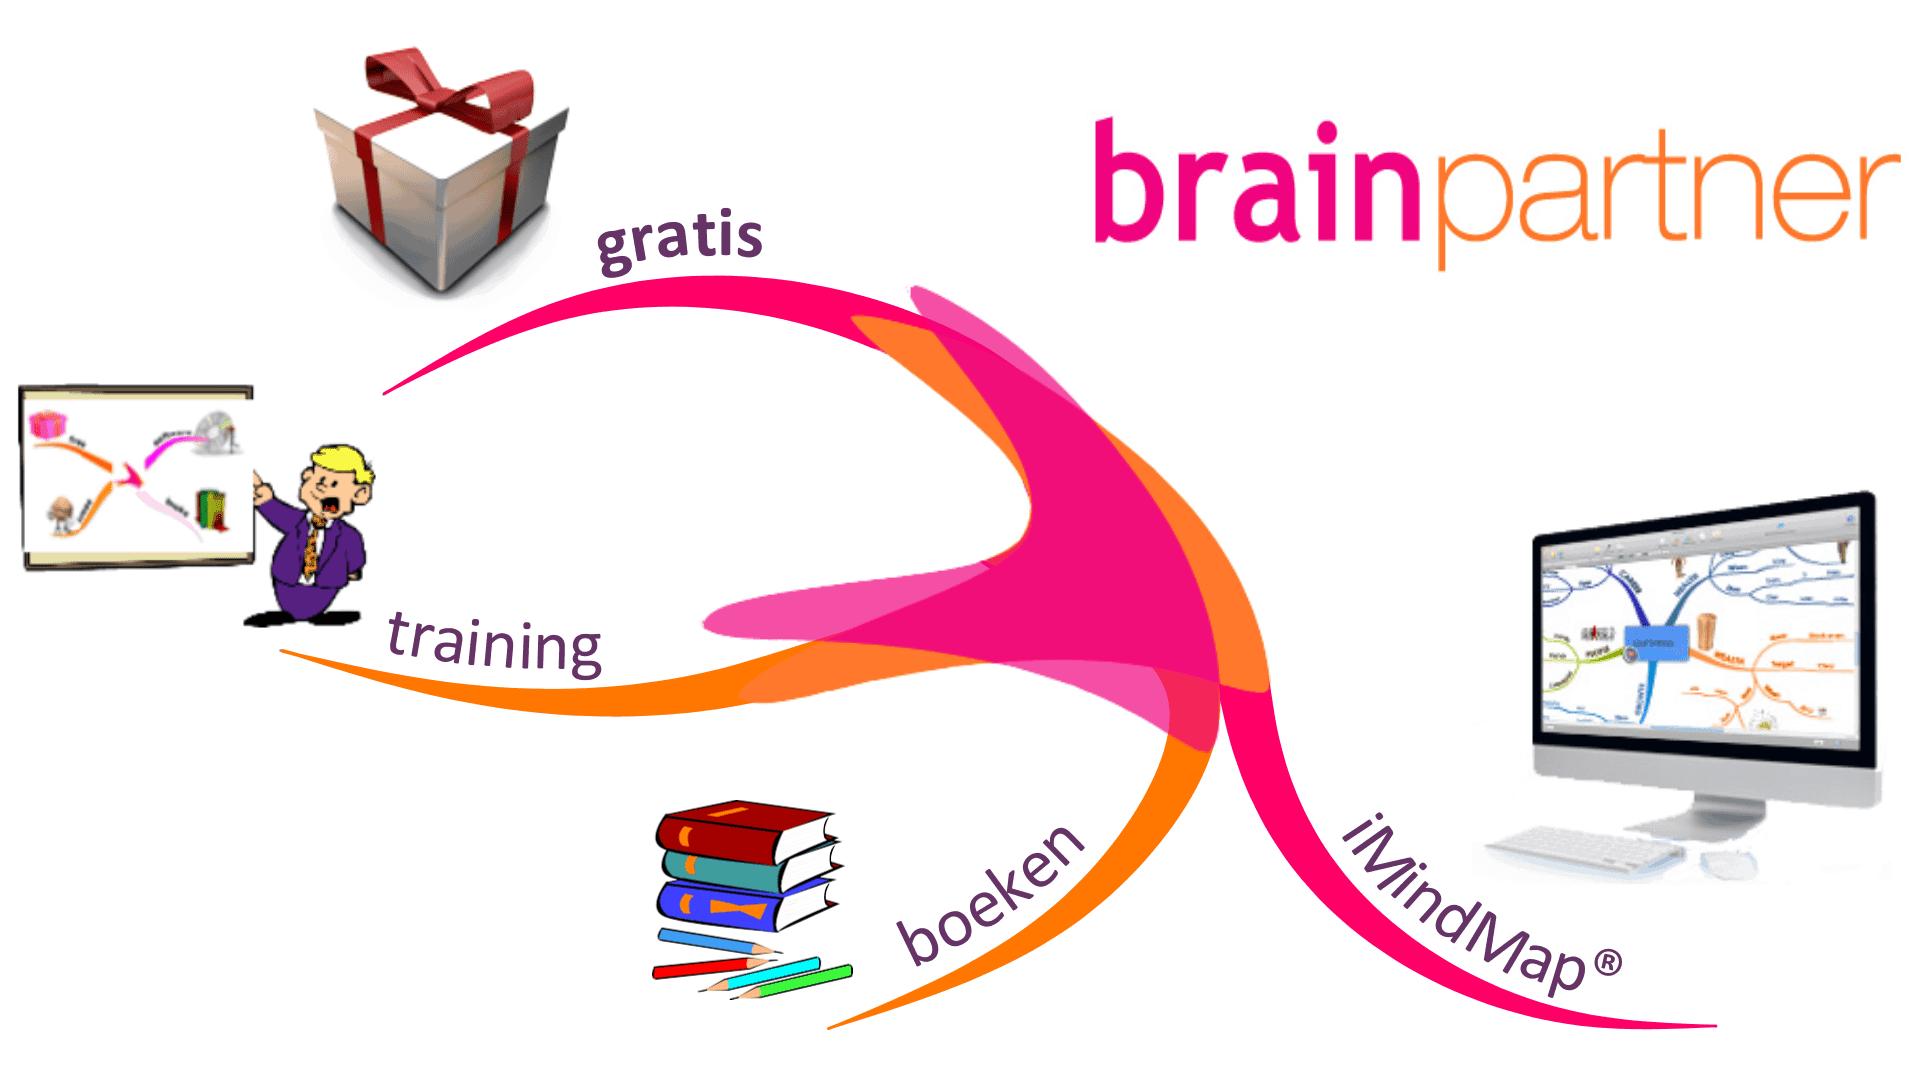 Brainpartner